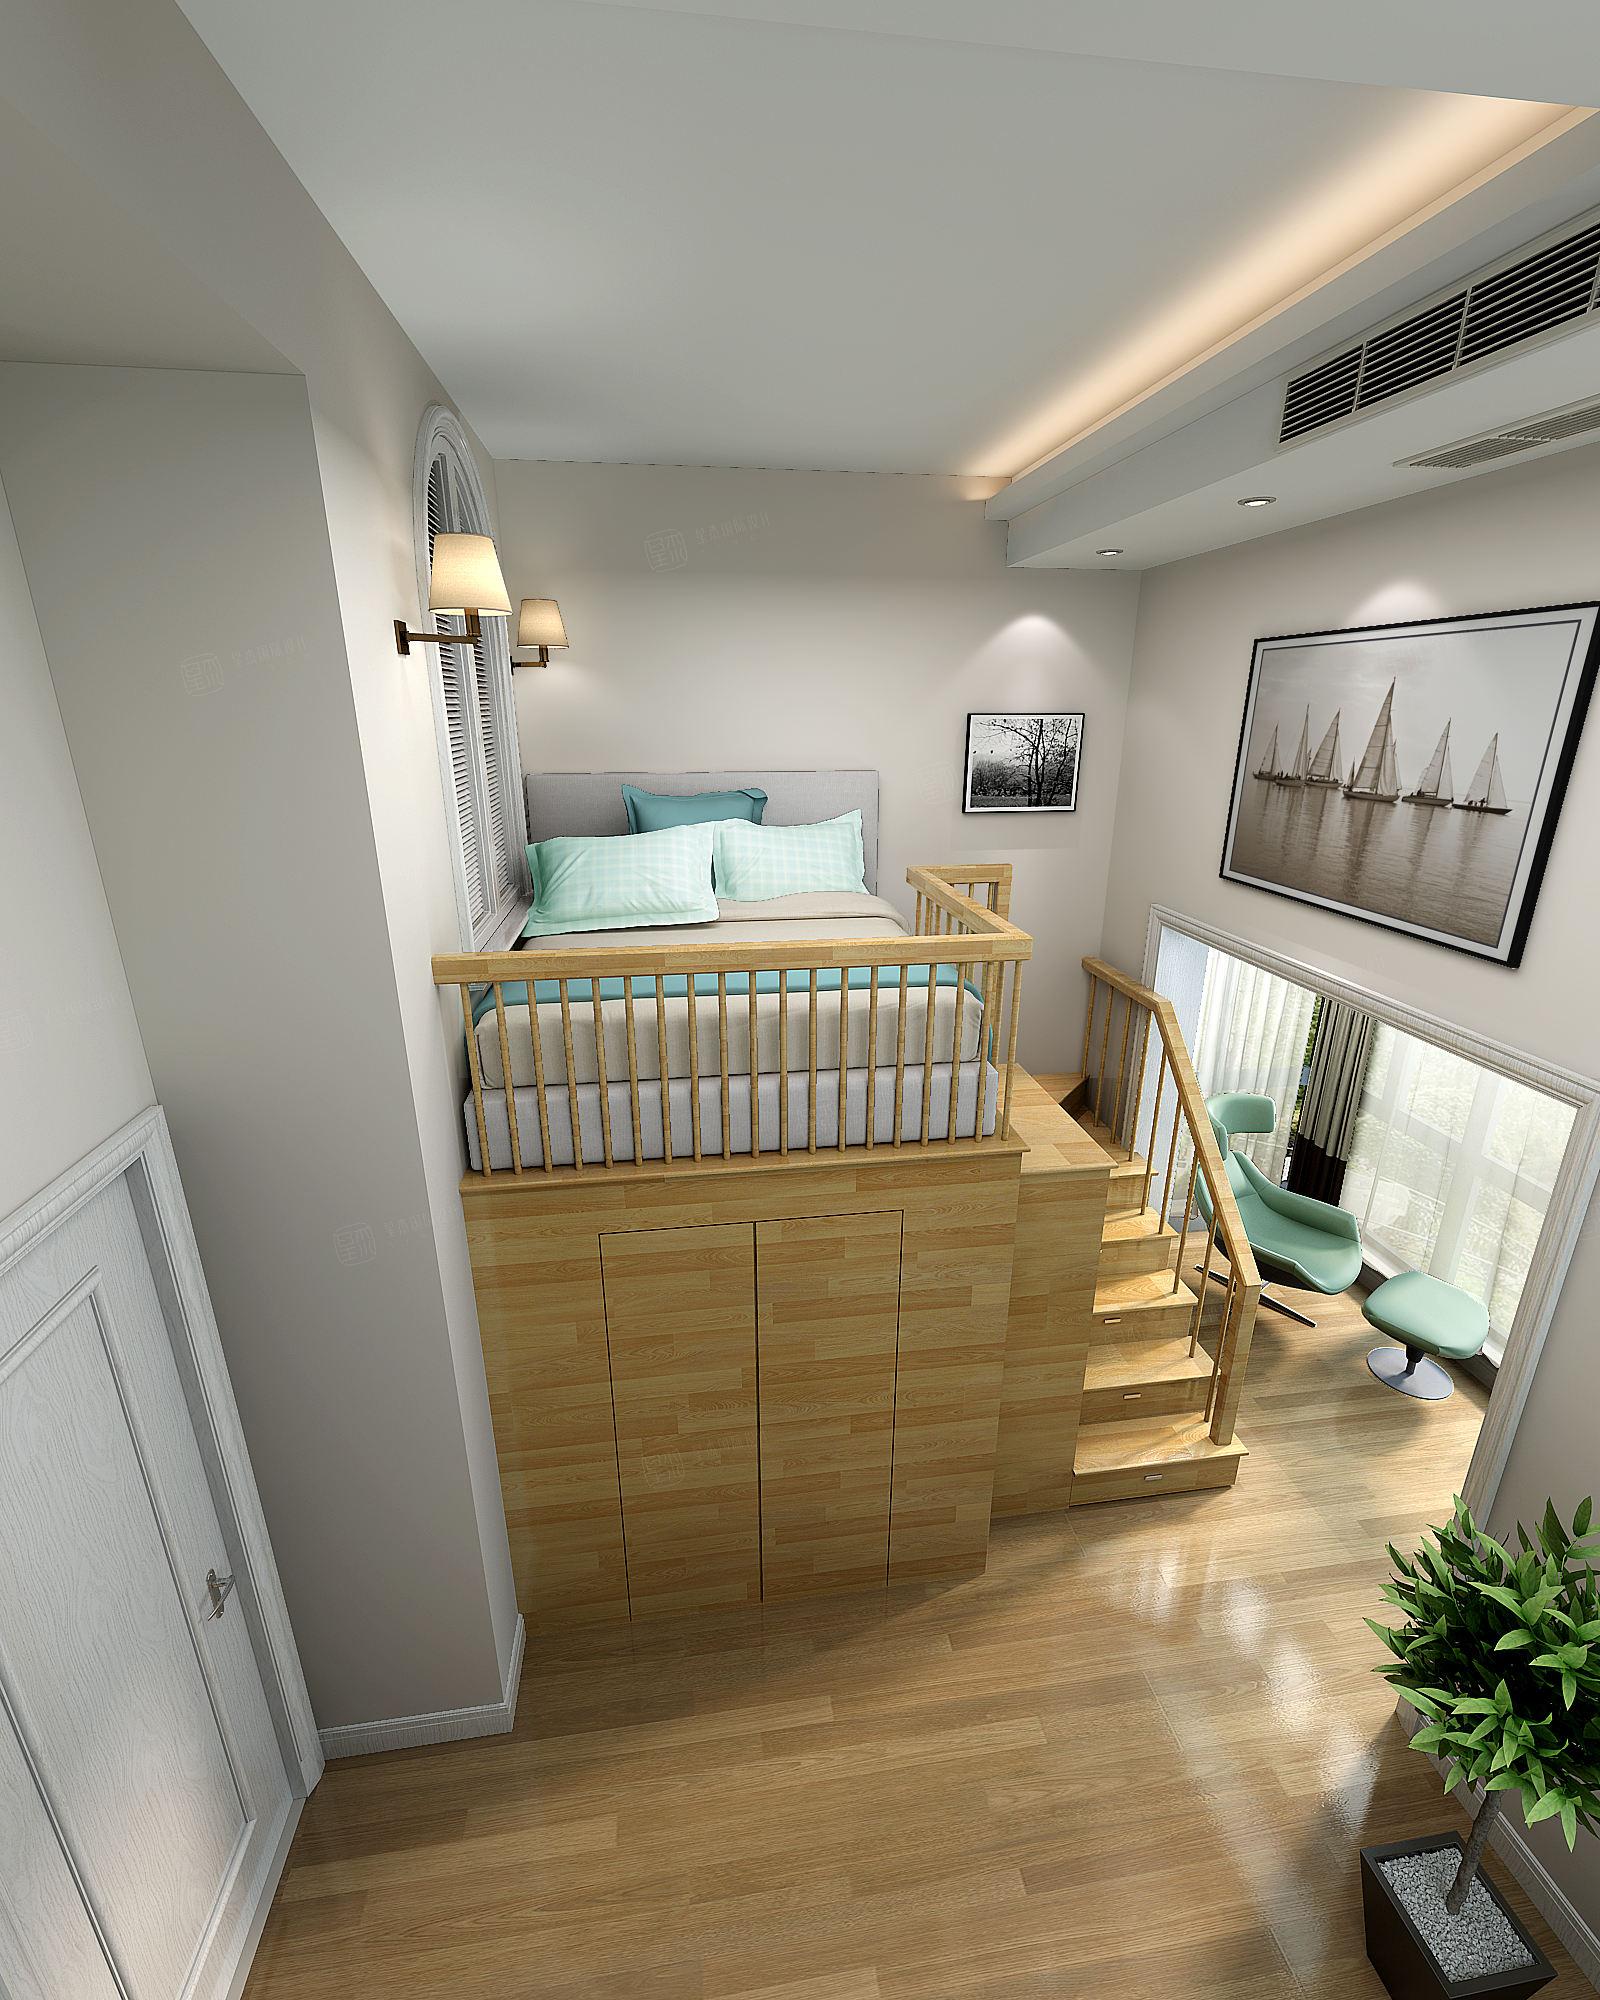 崇明绿地曼哈顿 美式装修卧室效果图